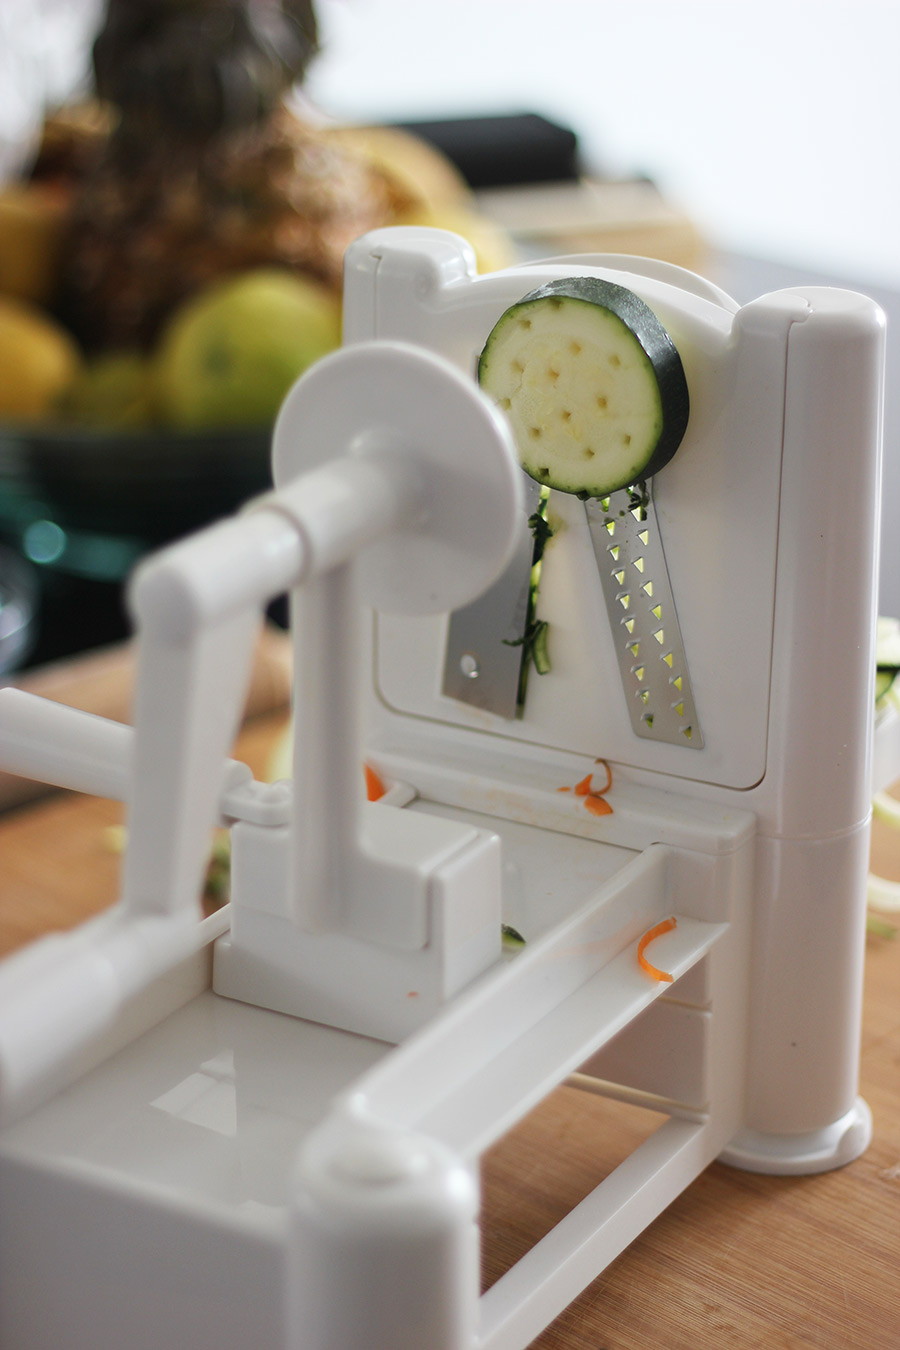 espiralizador de legumes